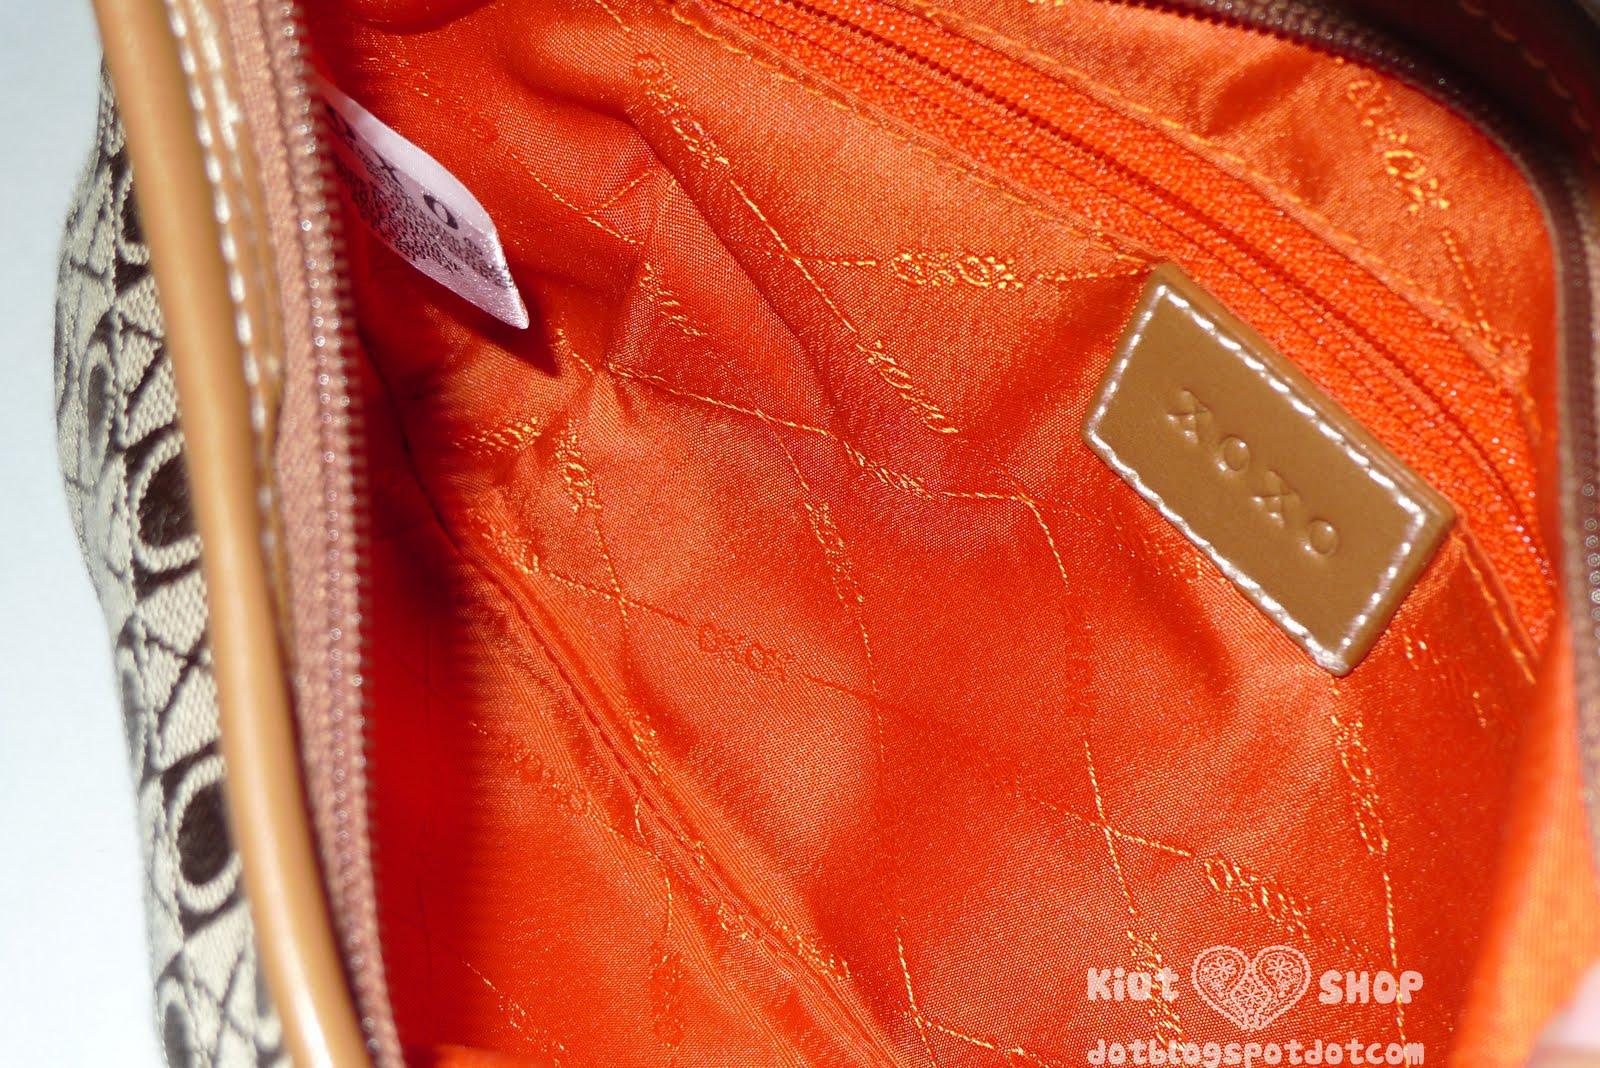 http://2.bp.blogspot.com/_DLALrAbhcZ4/TFeEnh_SmoI/AAAAAAAABTk/9tbZjweXeUY/s1600/XOXO+Mini+Brown+Bag+iii.jpg